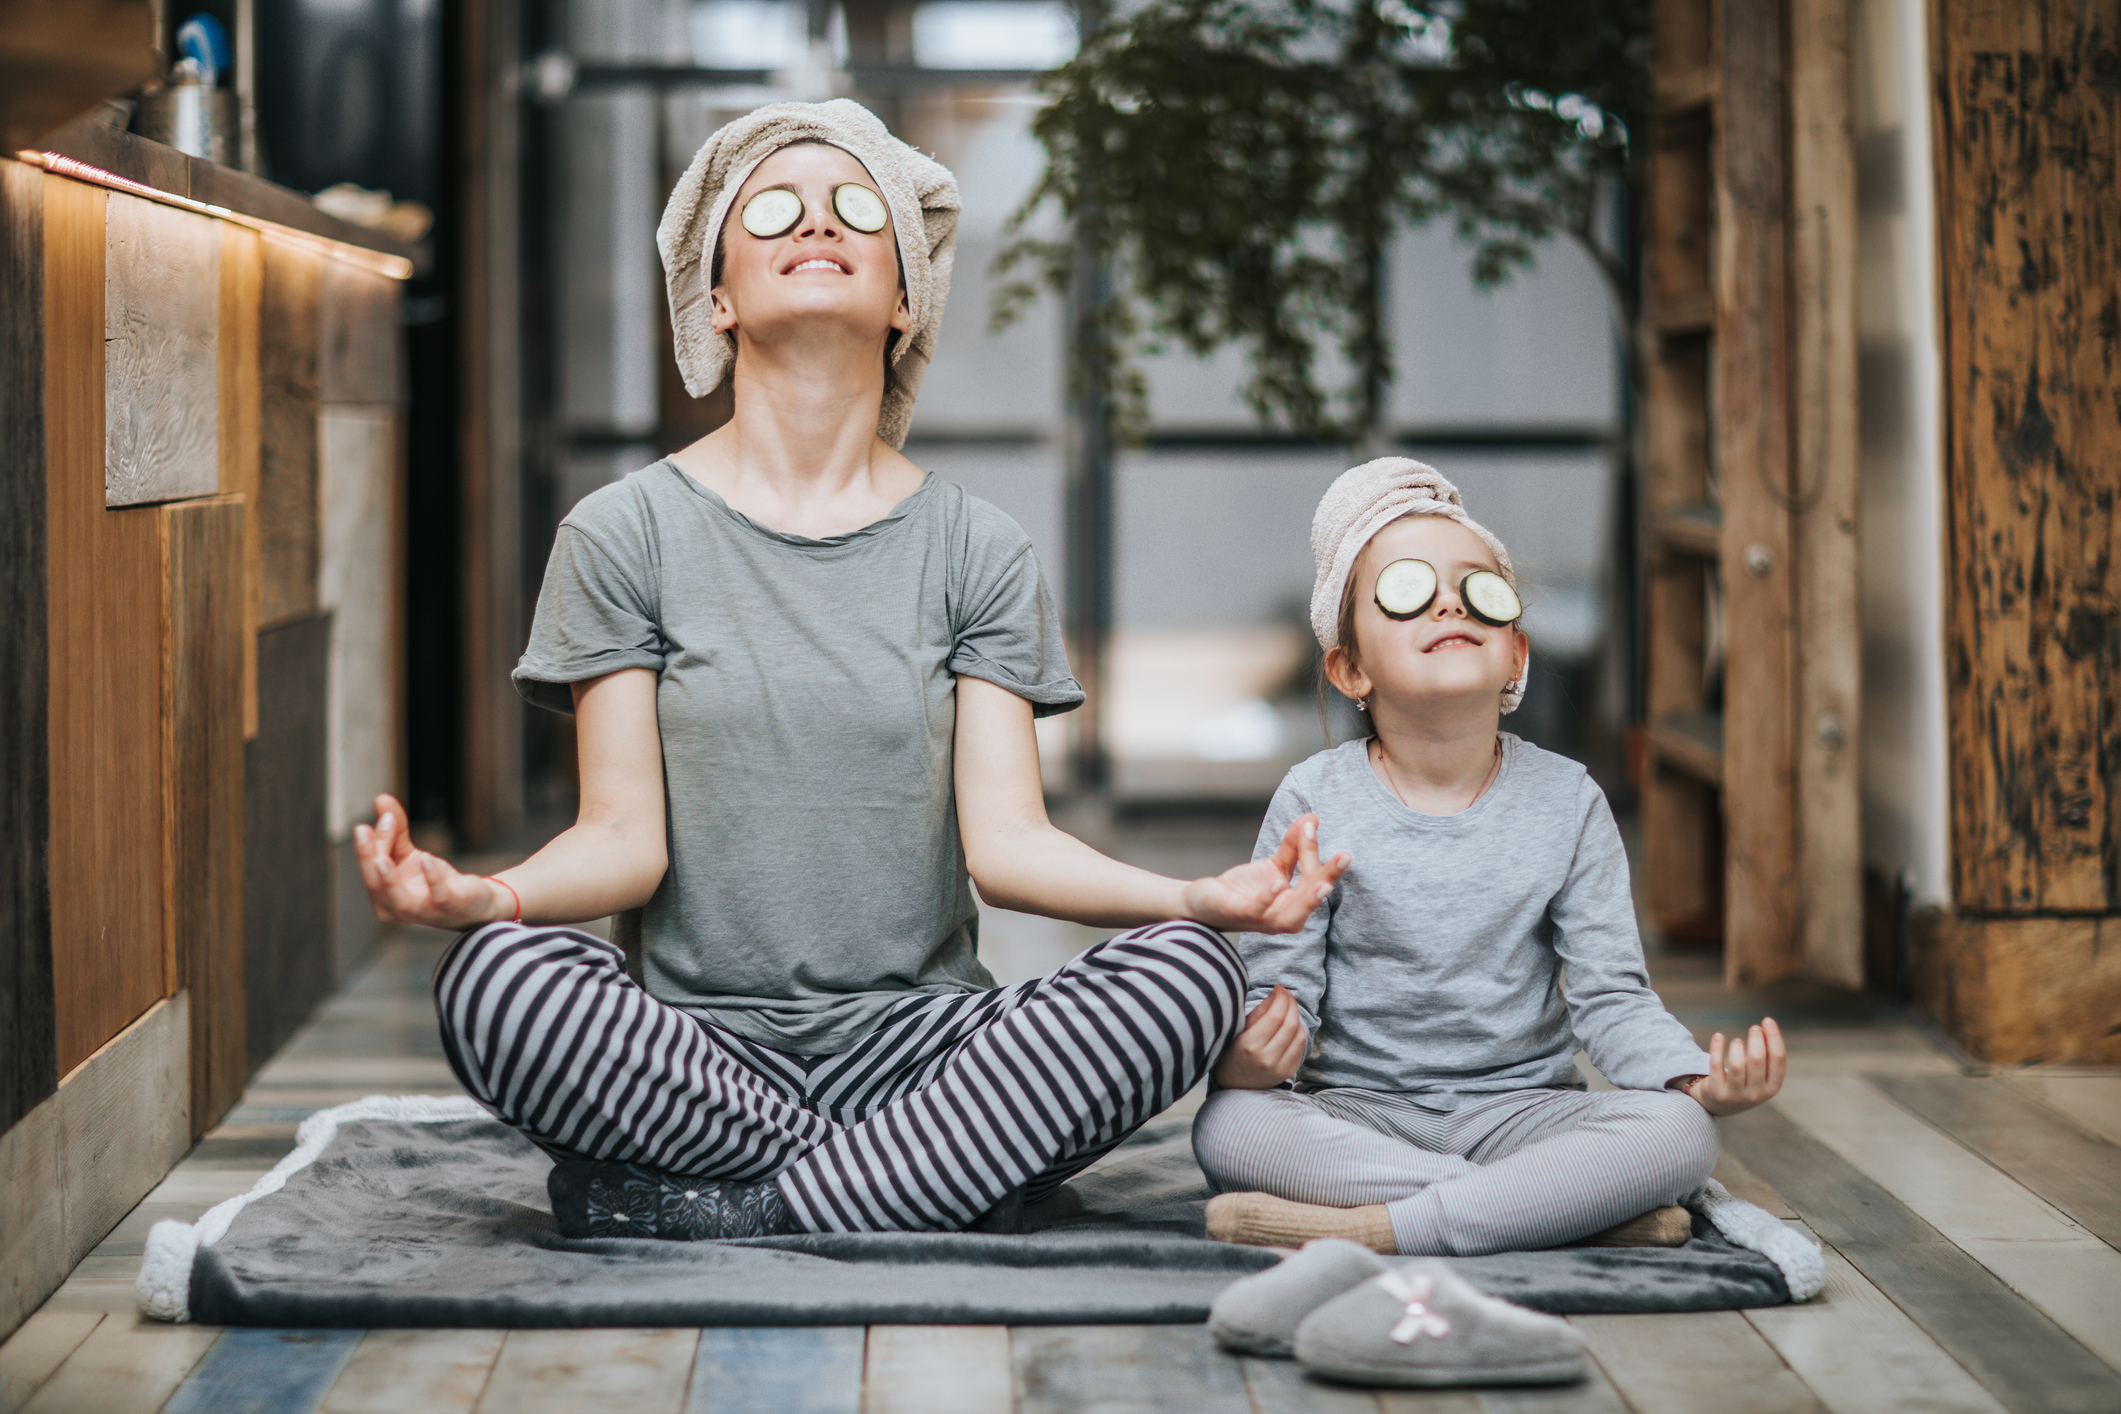 Eine regelmäßige Meditationsroutine kann Wunder bewirken. Bild: Getty Images / skynesher